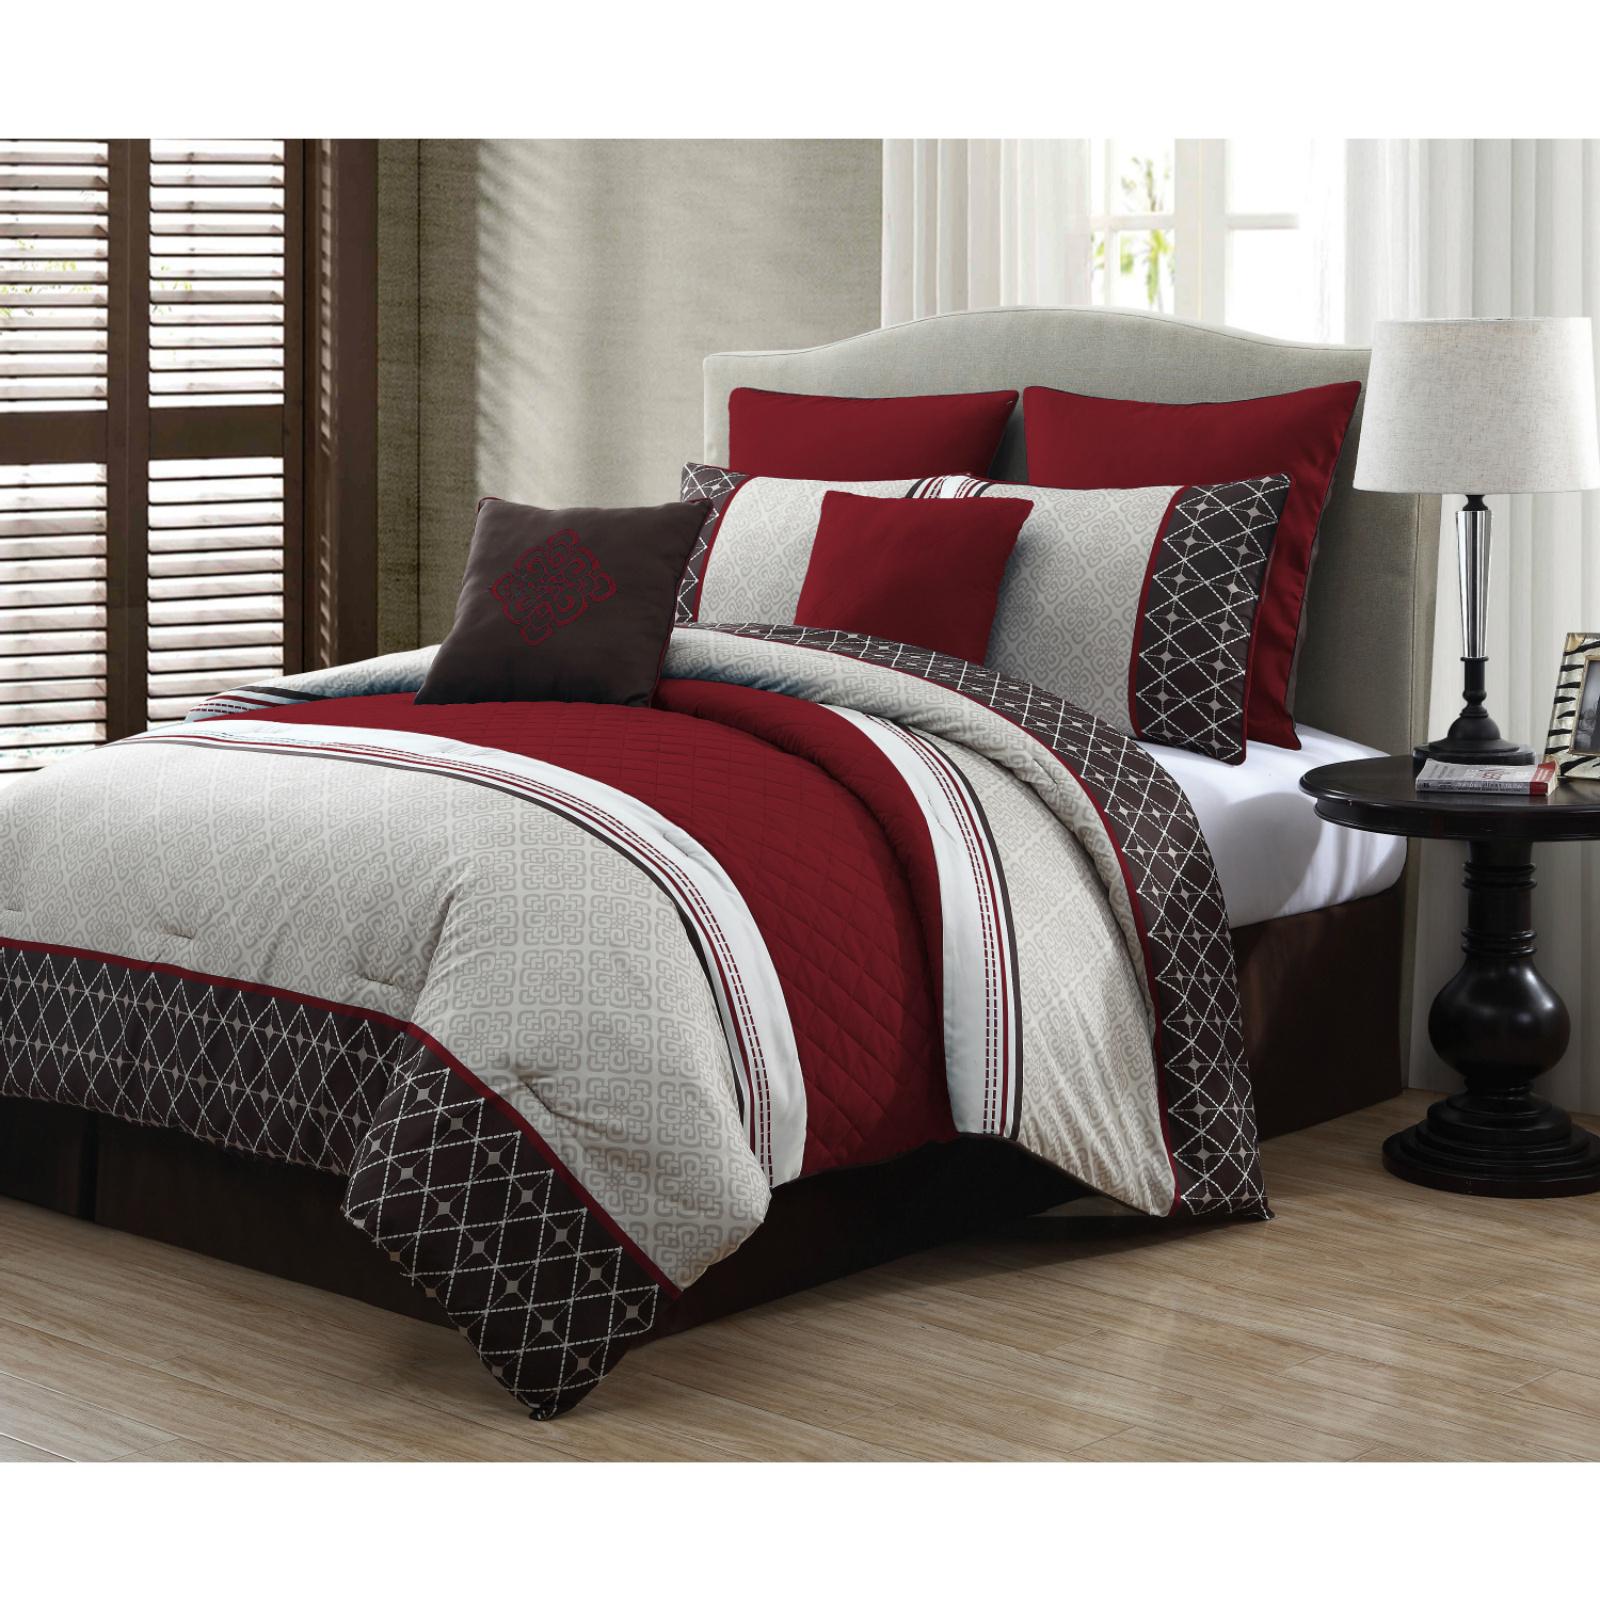 cute queen comforter set adult king size green red and black bedroom blue dorm comforters sets. Black Bedroom Furniture Sets. Home Design Ideas